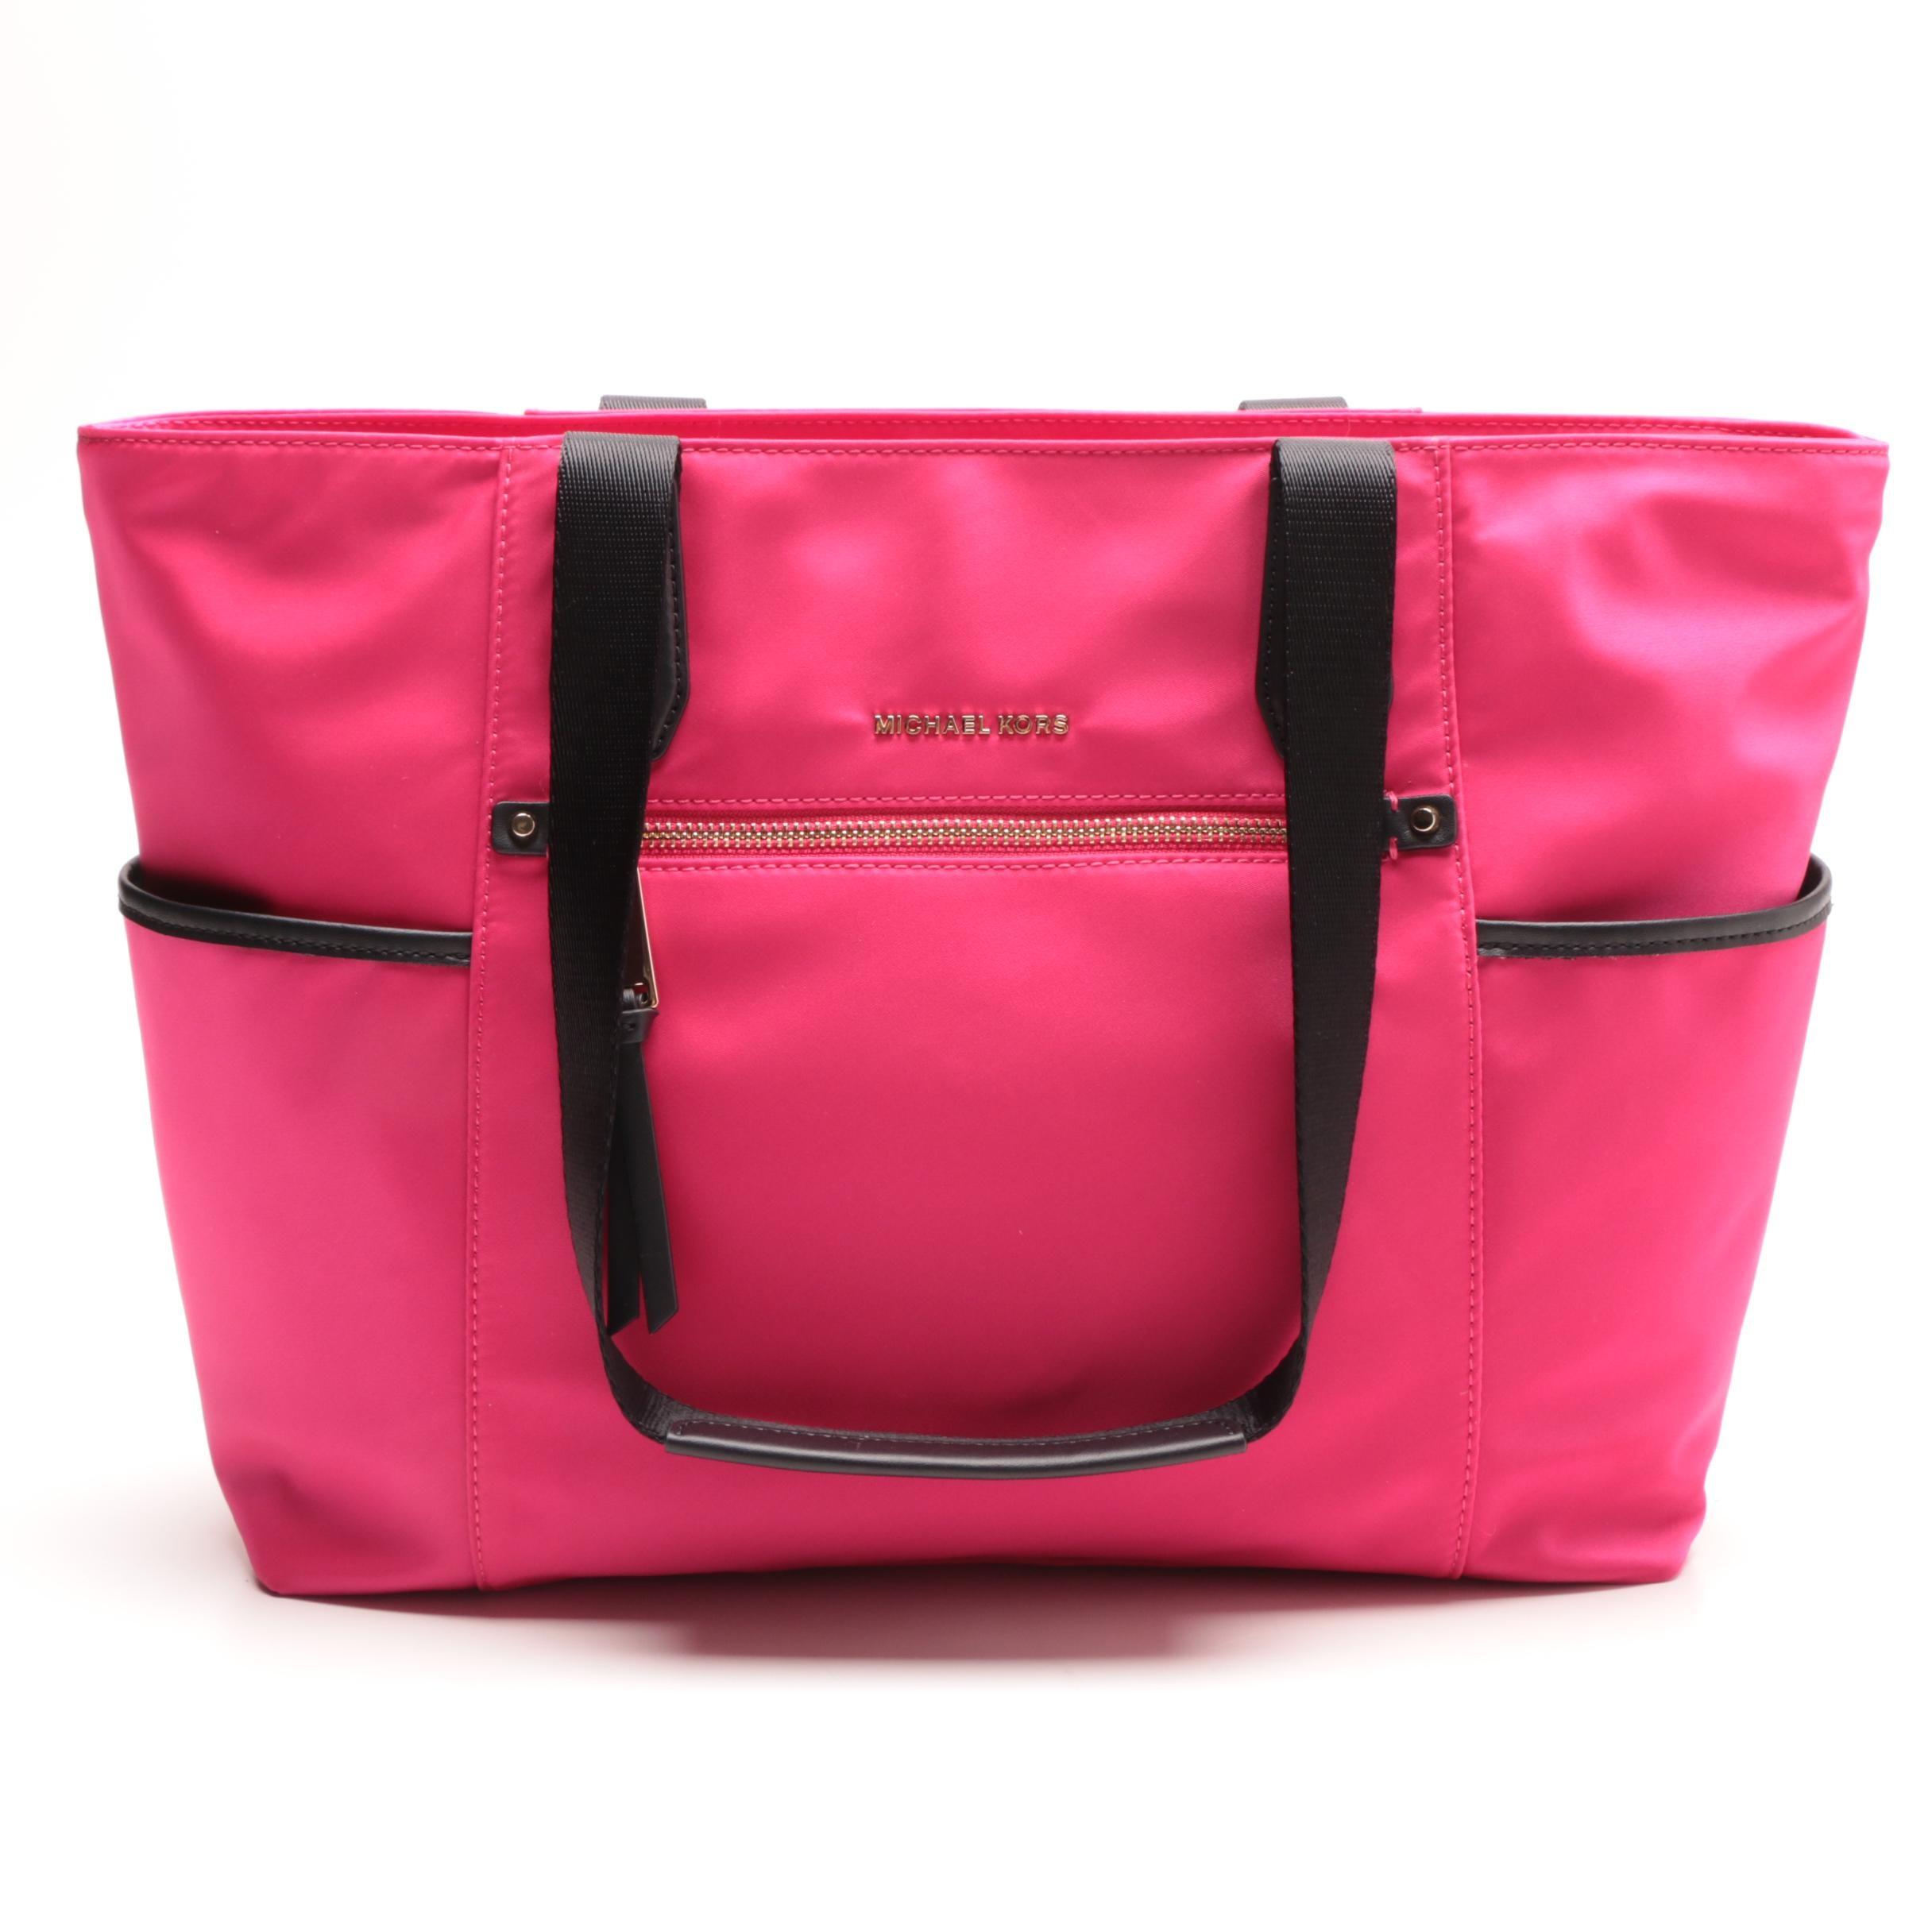 Designer Michael Kors Ultra Pink Colored Tote Bag